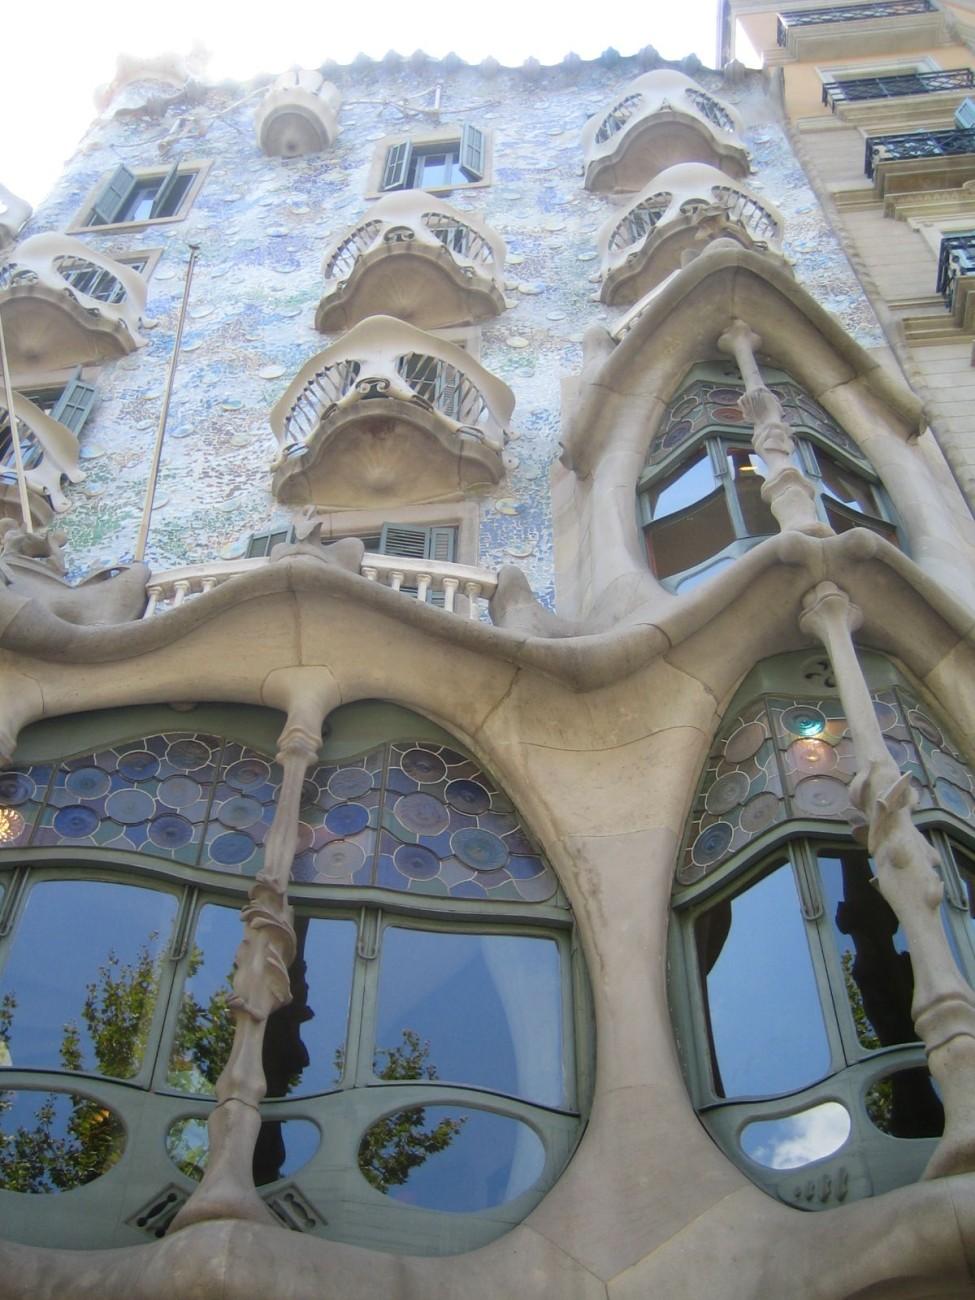 Wie aus dem Tim Burton-Film: Die Casa Batiló